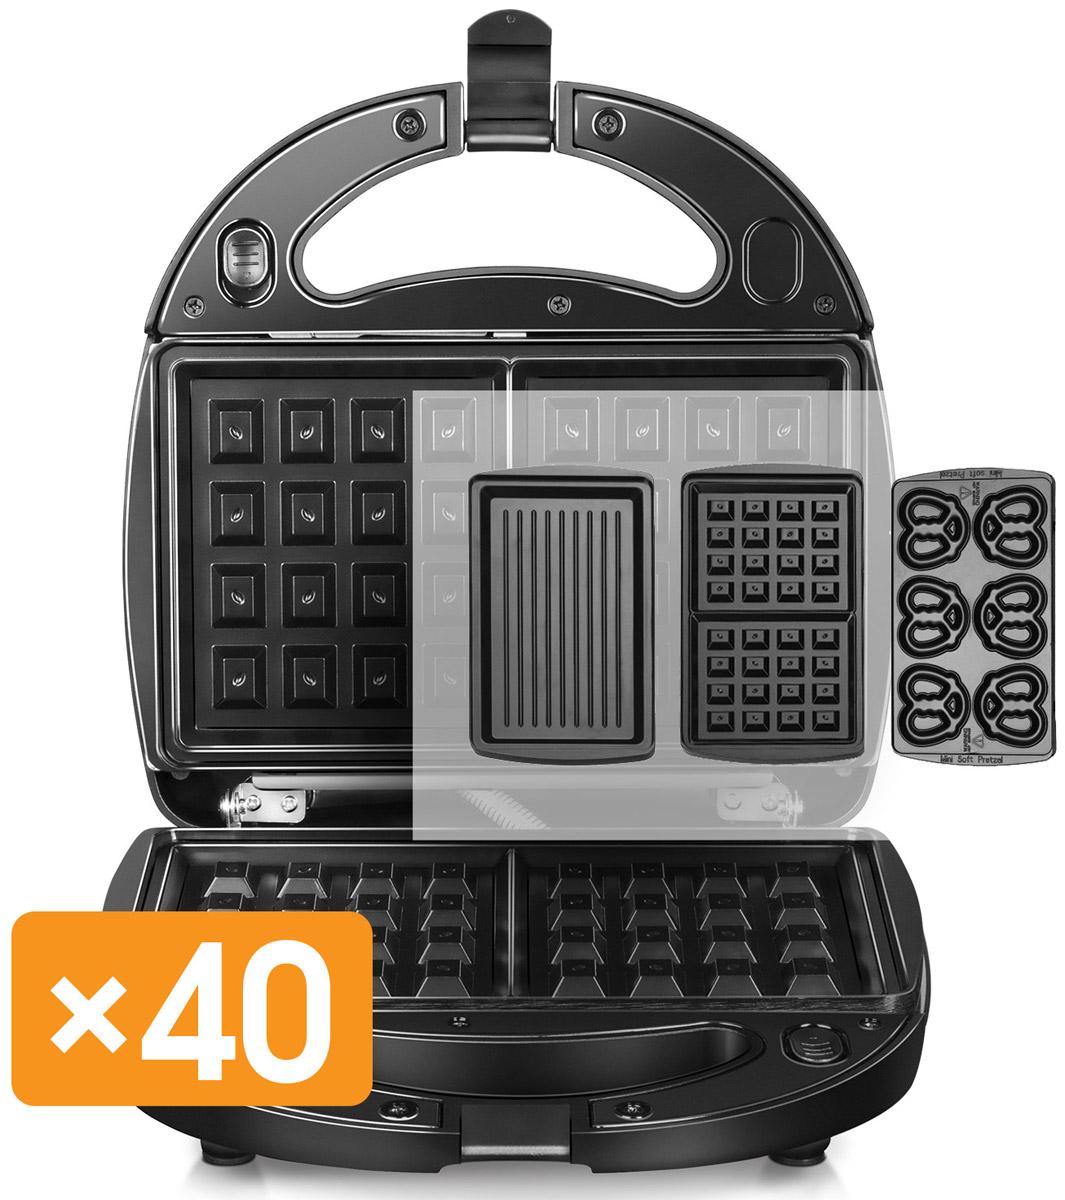 Redmond RMB-M604, Black мультипекарьRMB-M604Мультипекарь Redmond RMB-M604 – универсальное многофункциональное устройство, заменяющее вафельницу, омлетницу, гриль, пончик-мейкер, кексницу, бутербродницу и множество других приборов для выпечки или жарки.Достаточно просто поменять пресс-форму, и вы получите новое устройство для приготовления популярного блюда! Ароматное печенье, крекеры, сочни или омлет с итальянскими травами, пицца, пряничный домик для детского праздника, горячие бутерброды или овощи-гриль для гарнира – все это мультипекарь приготовит в считанные минуты!Мультипекарь – это не просто домашняя выпечка, горячие блюда и закуски; это здоровое питание для вас и ваших близких! Ведь с мультипекарем вы готовите сами: из свежих продуктов и без вредных пищевых добавок.Выбор панелей для мультипекаря будет расширяться – вы будете радовать себя и близких все новыми и новыми кулинарными шедеврами из самых разных кухонь мира!Более 25 сменных панелей для выпечки. Панели, не входящие в комплектацию Мультипекаря, приобретаются отдельно.